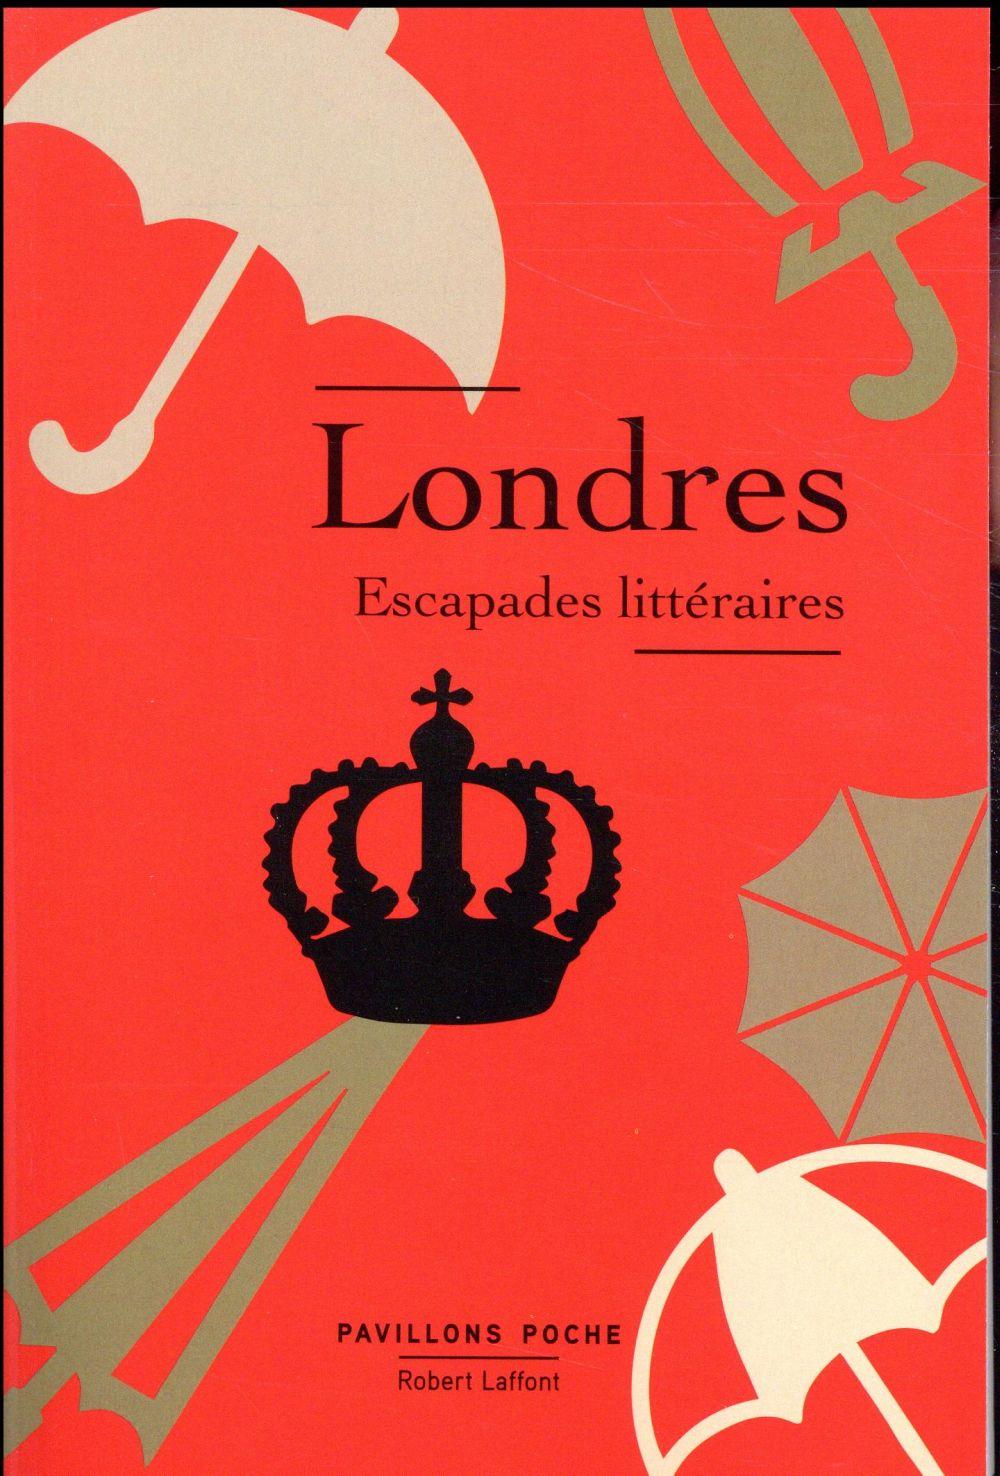 LONDRES, ESCAPADES LITTERAIRES